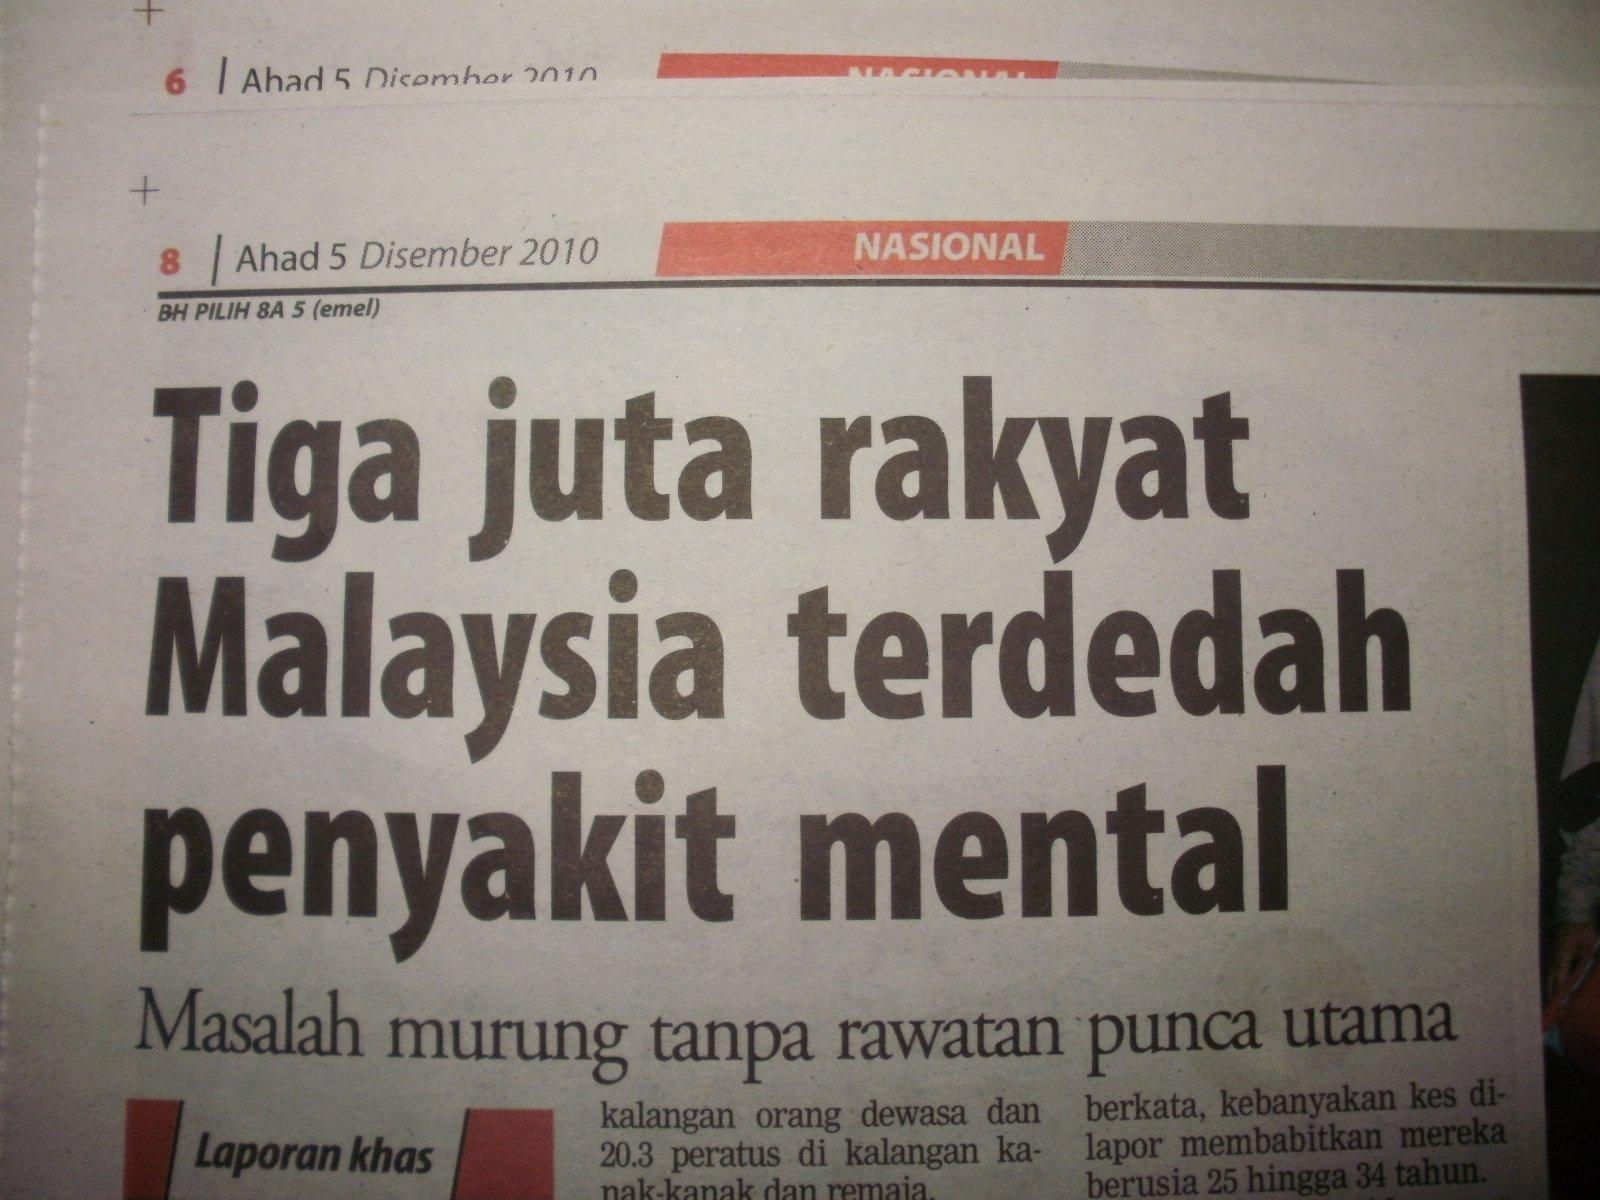 Adakah Anak Anda Mengalami Masalah Mental Public Health Malaysia فيسبوك